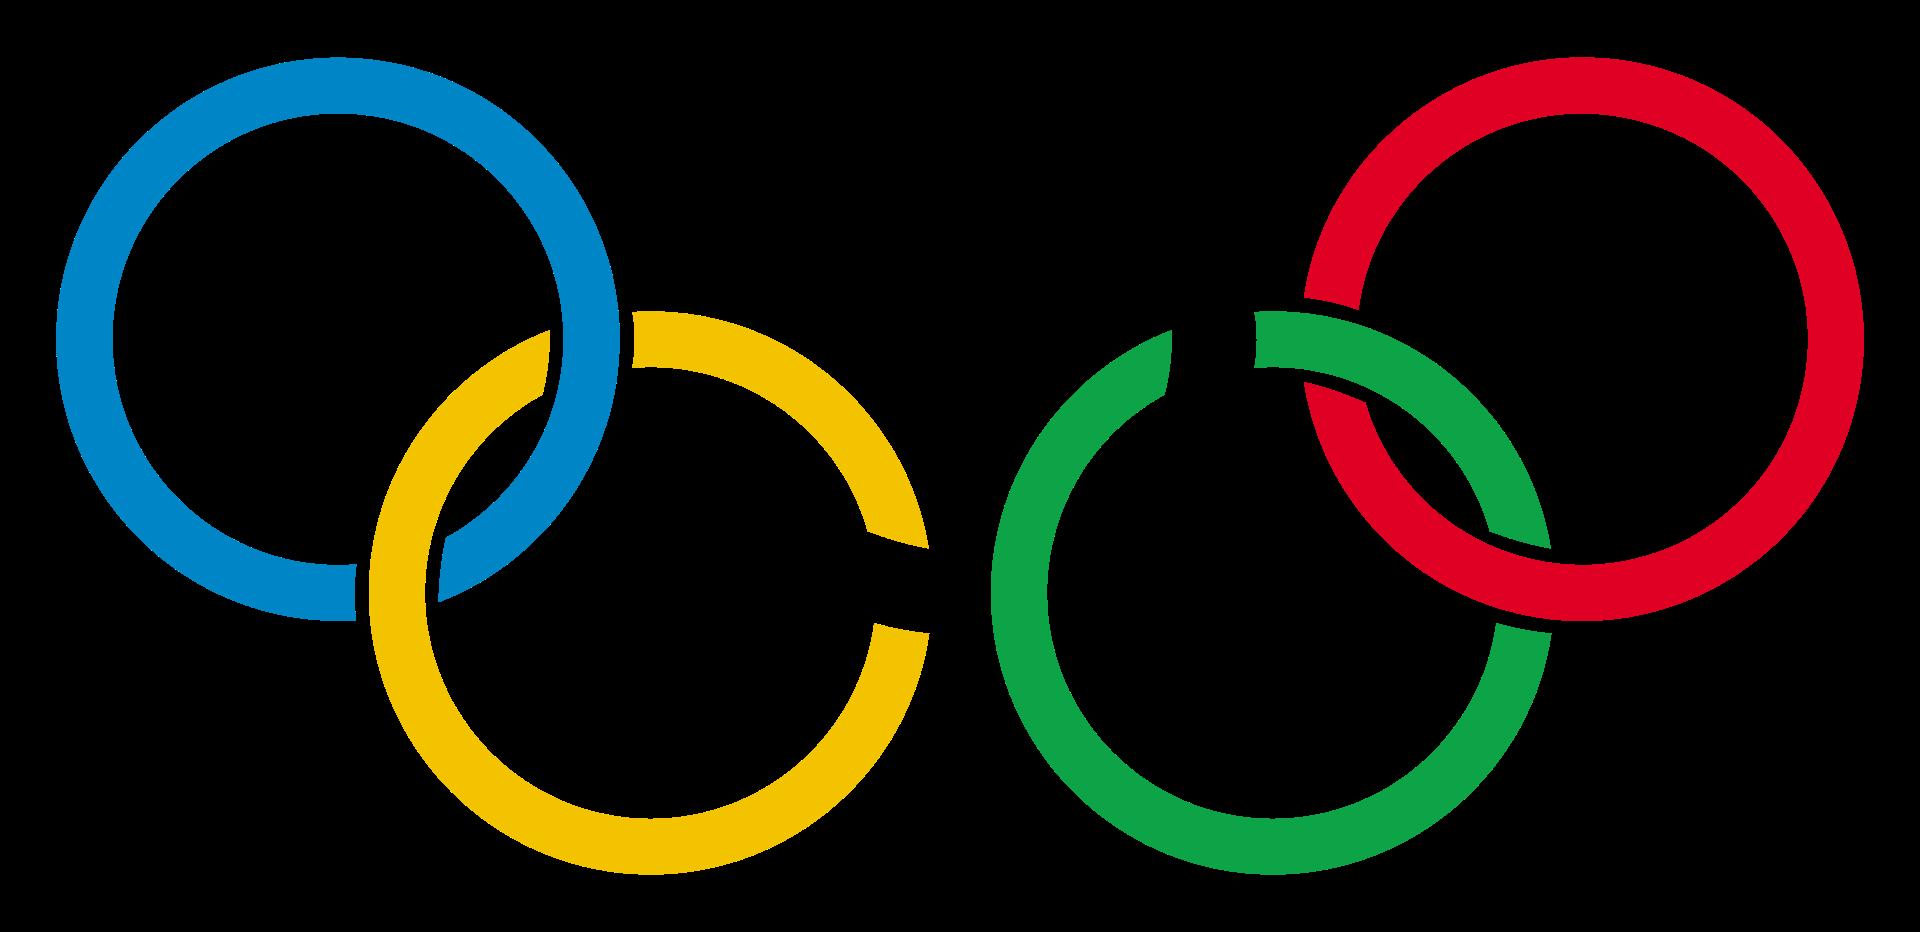 صورة لشعار الألعاب الأولمبية